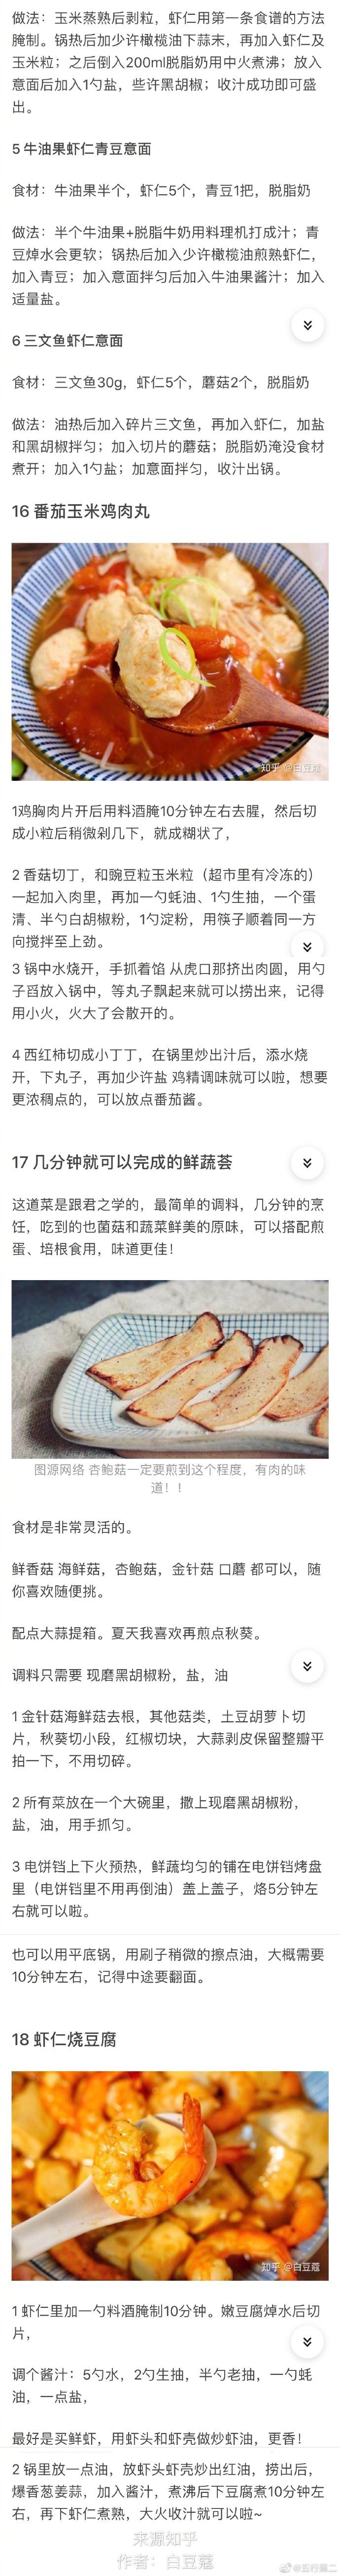 18种容易制作又好吃的减肥餐食谱04